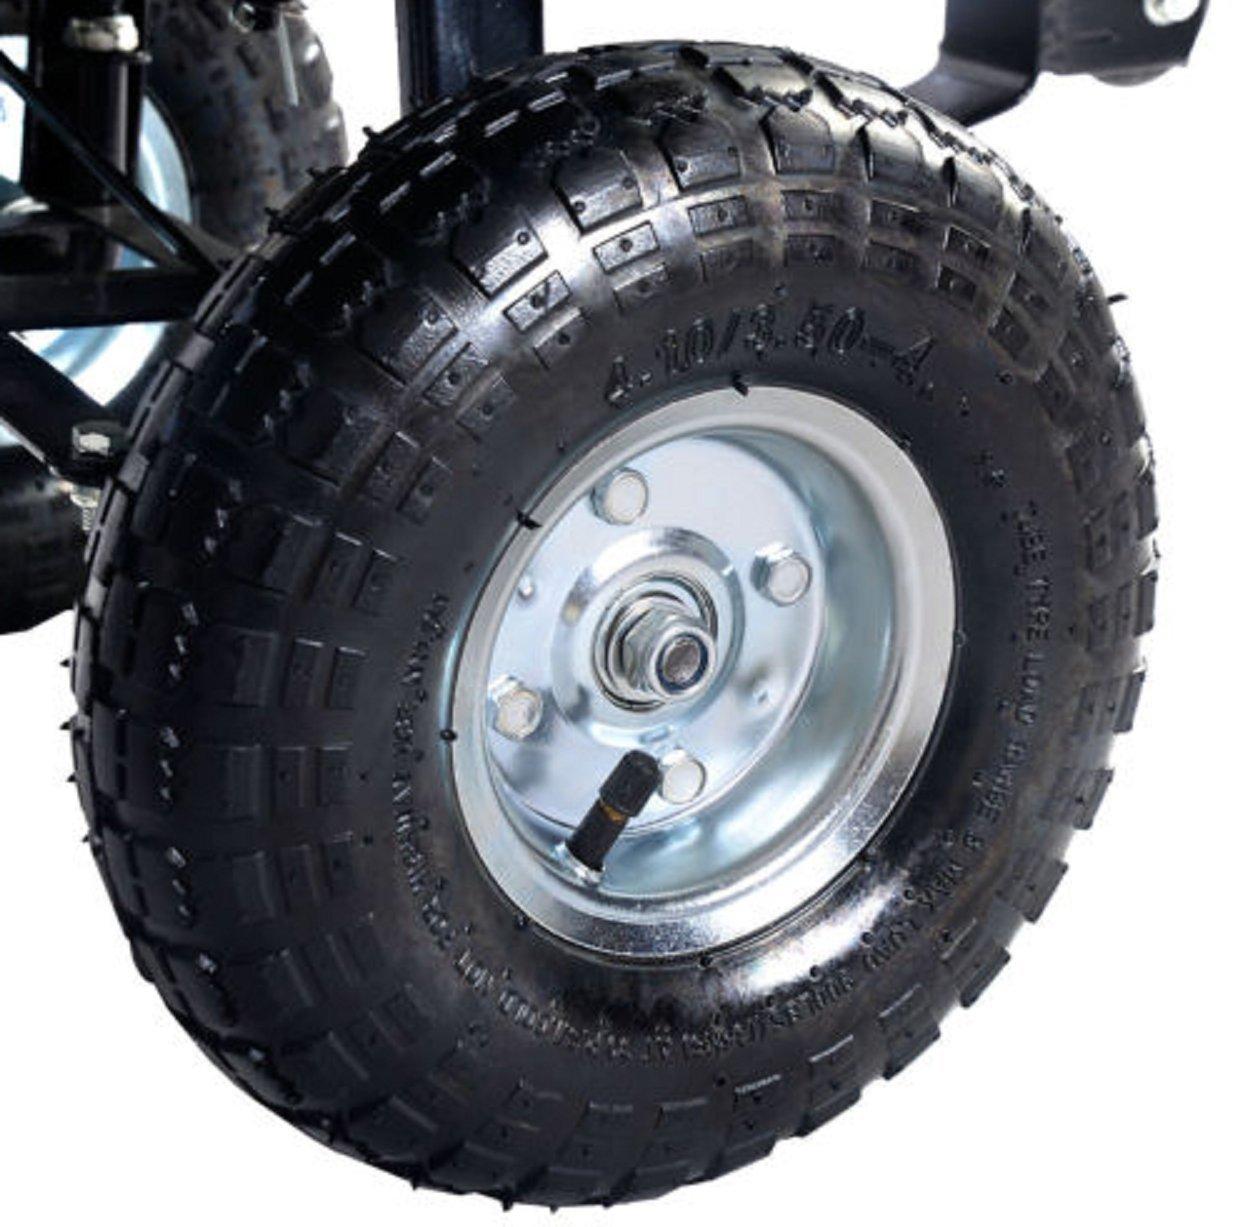 650lb verde jardín carro camión volquete Vagón remolque césped ruedas Rolling almacenamiento Wagon Carrier Barrow aire neumáticos Heavy Duty: Amazon.es: ...